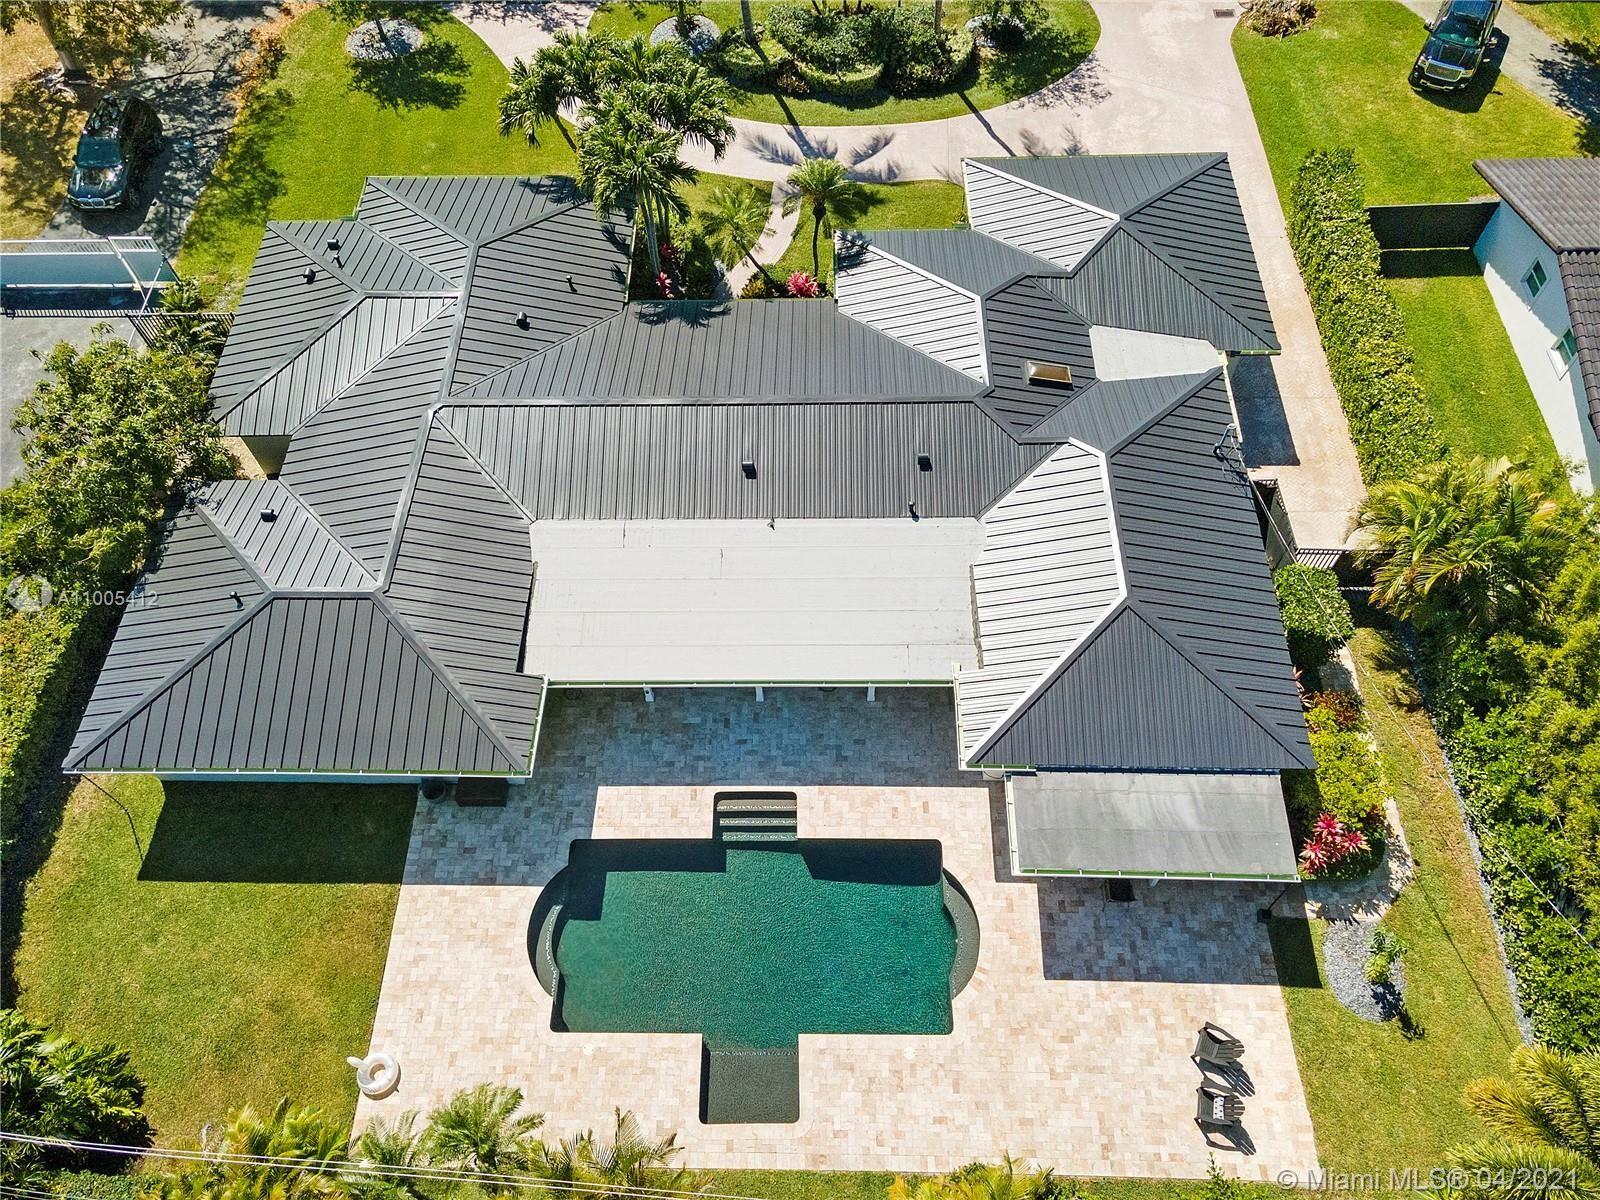 Photo of 14621 Bonito Drive, Coral Gables, FL 33158 (MLS # A11005412)